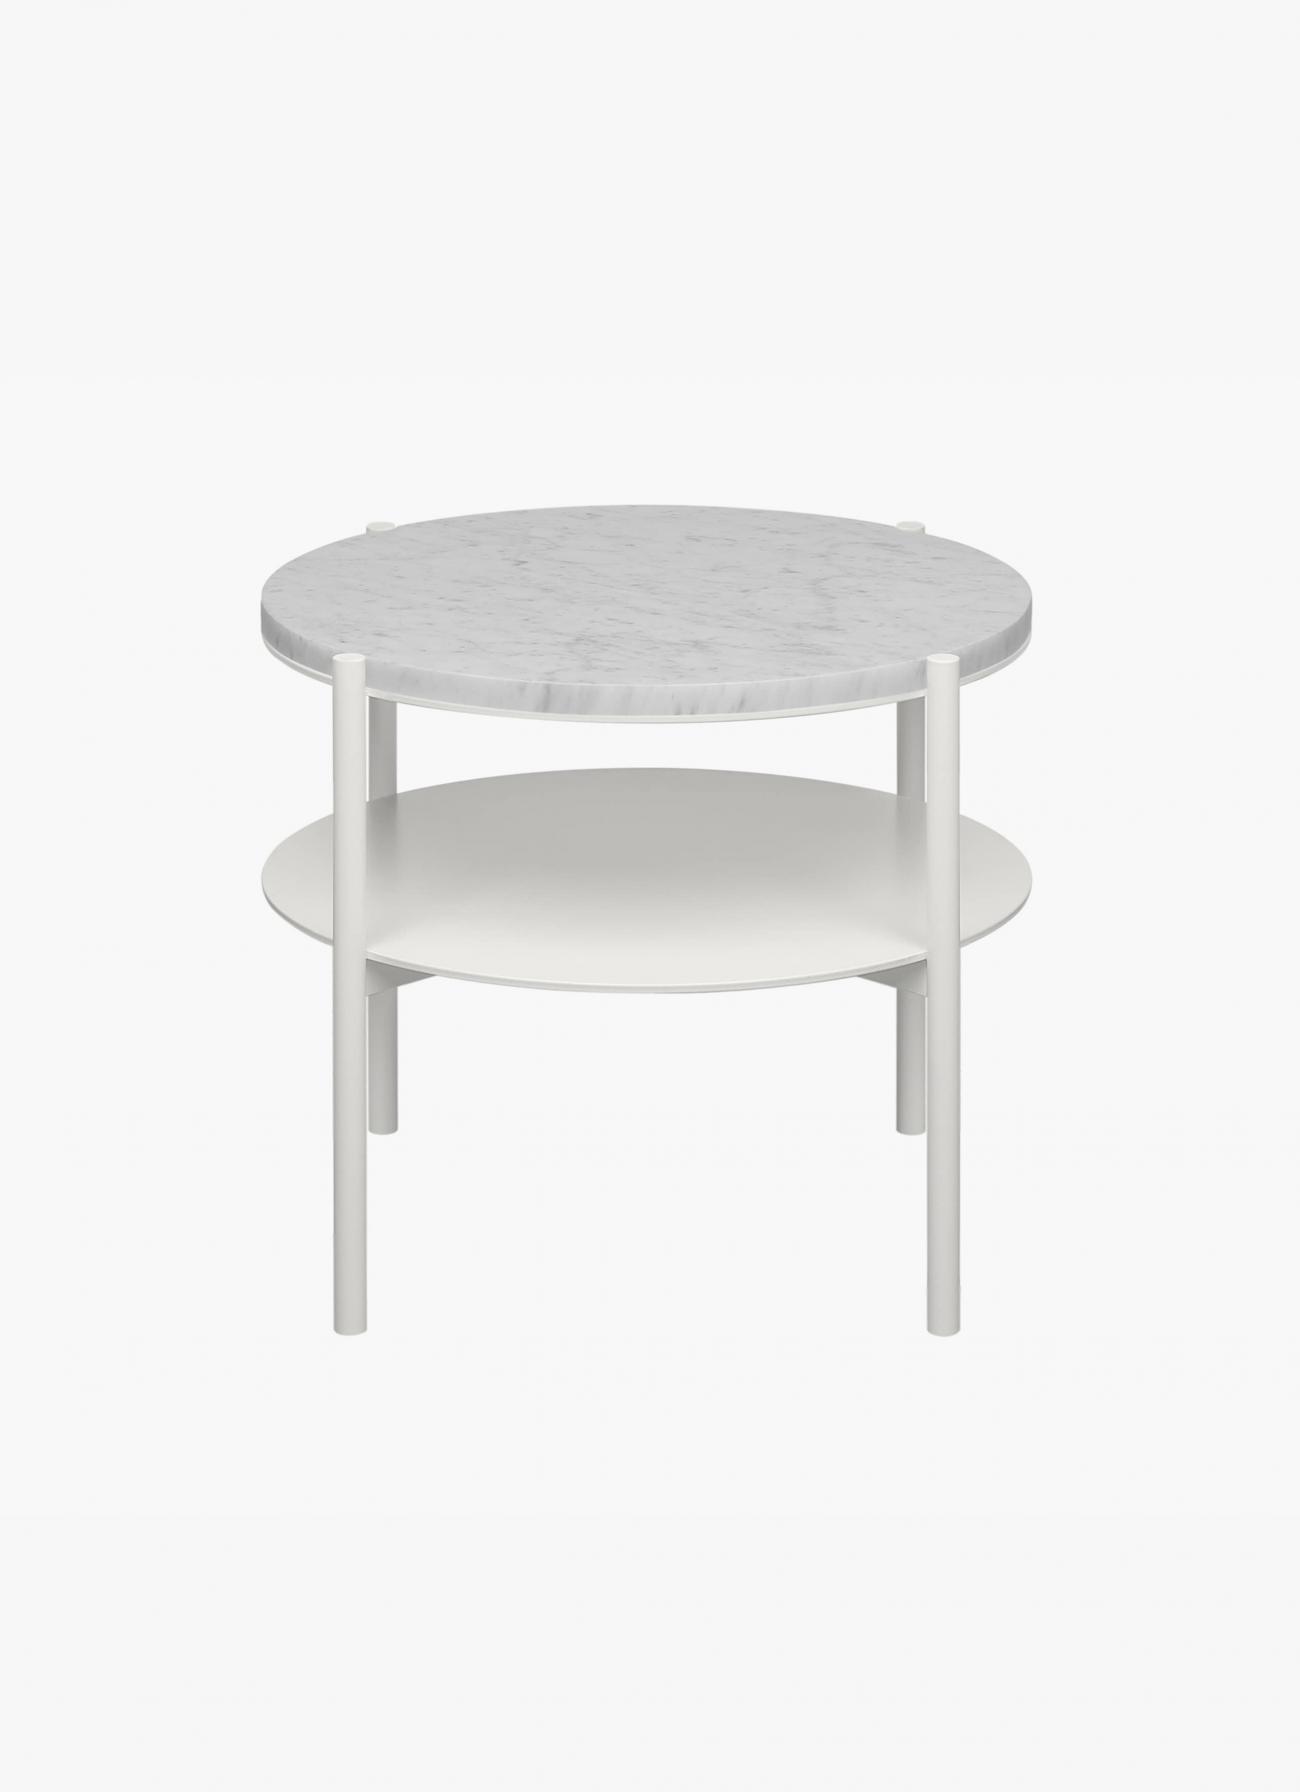 e15 - ELBE II - White Carrara Marble